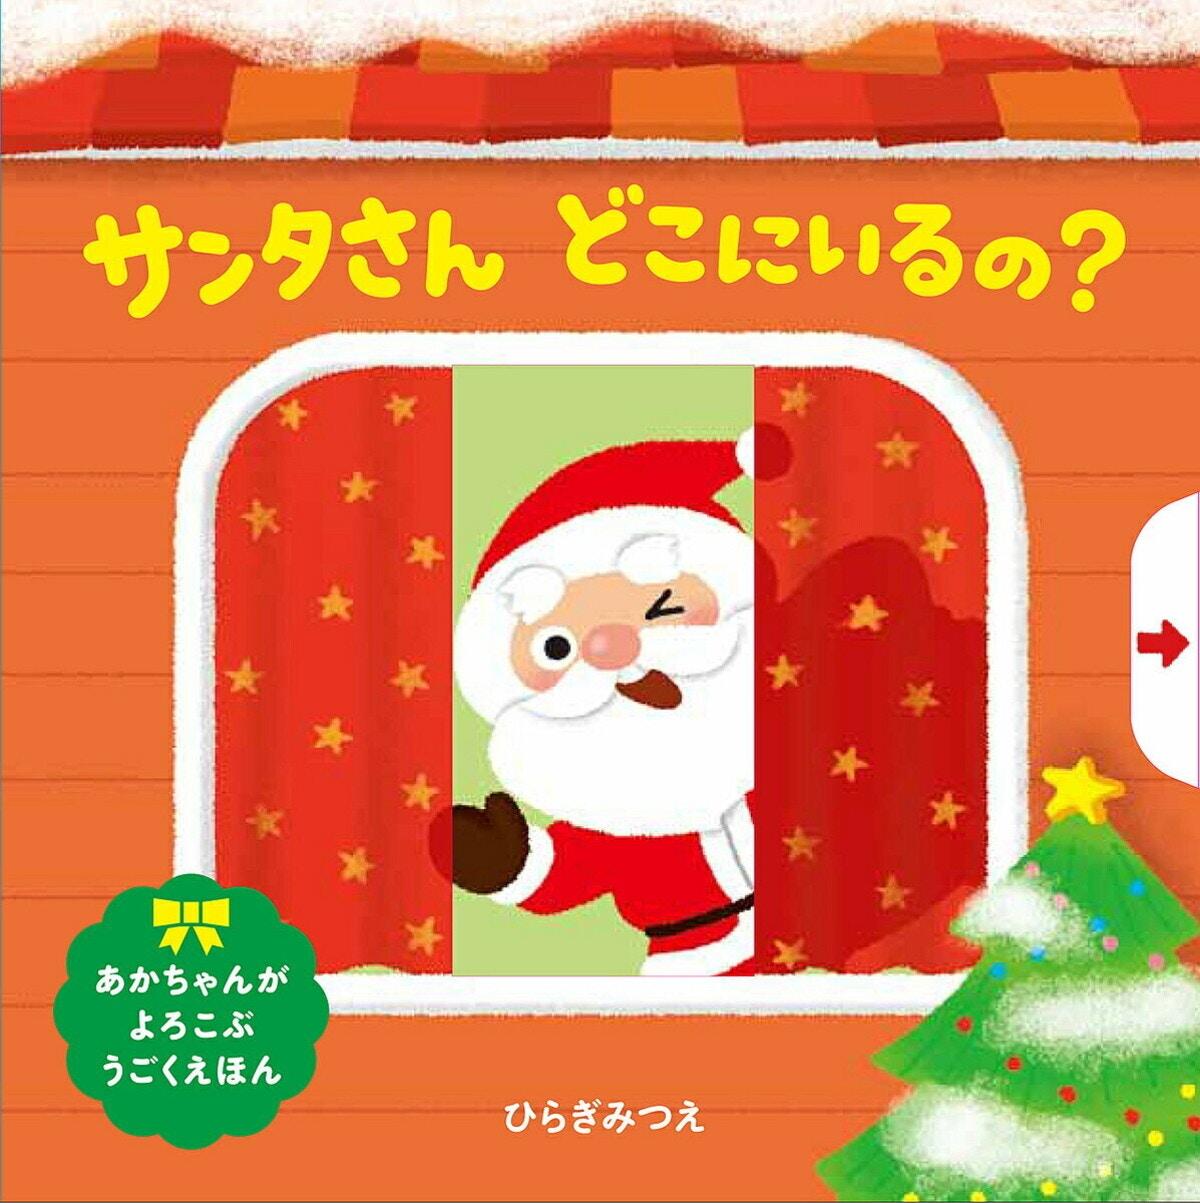 サンタさんどこにいるの?